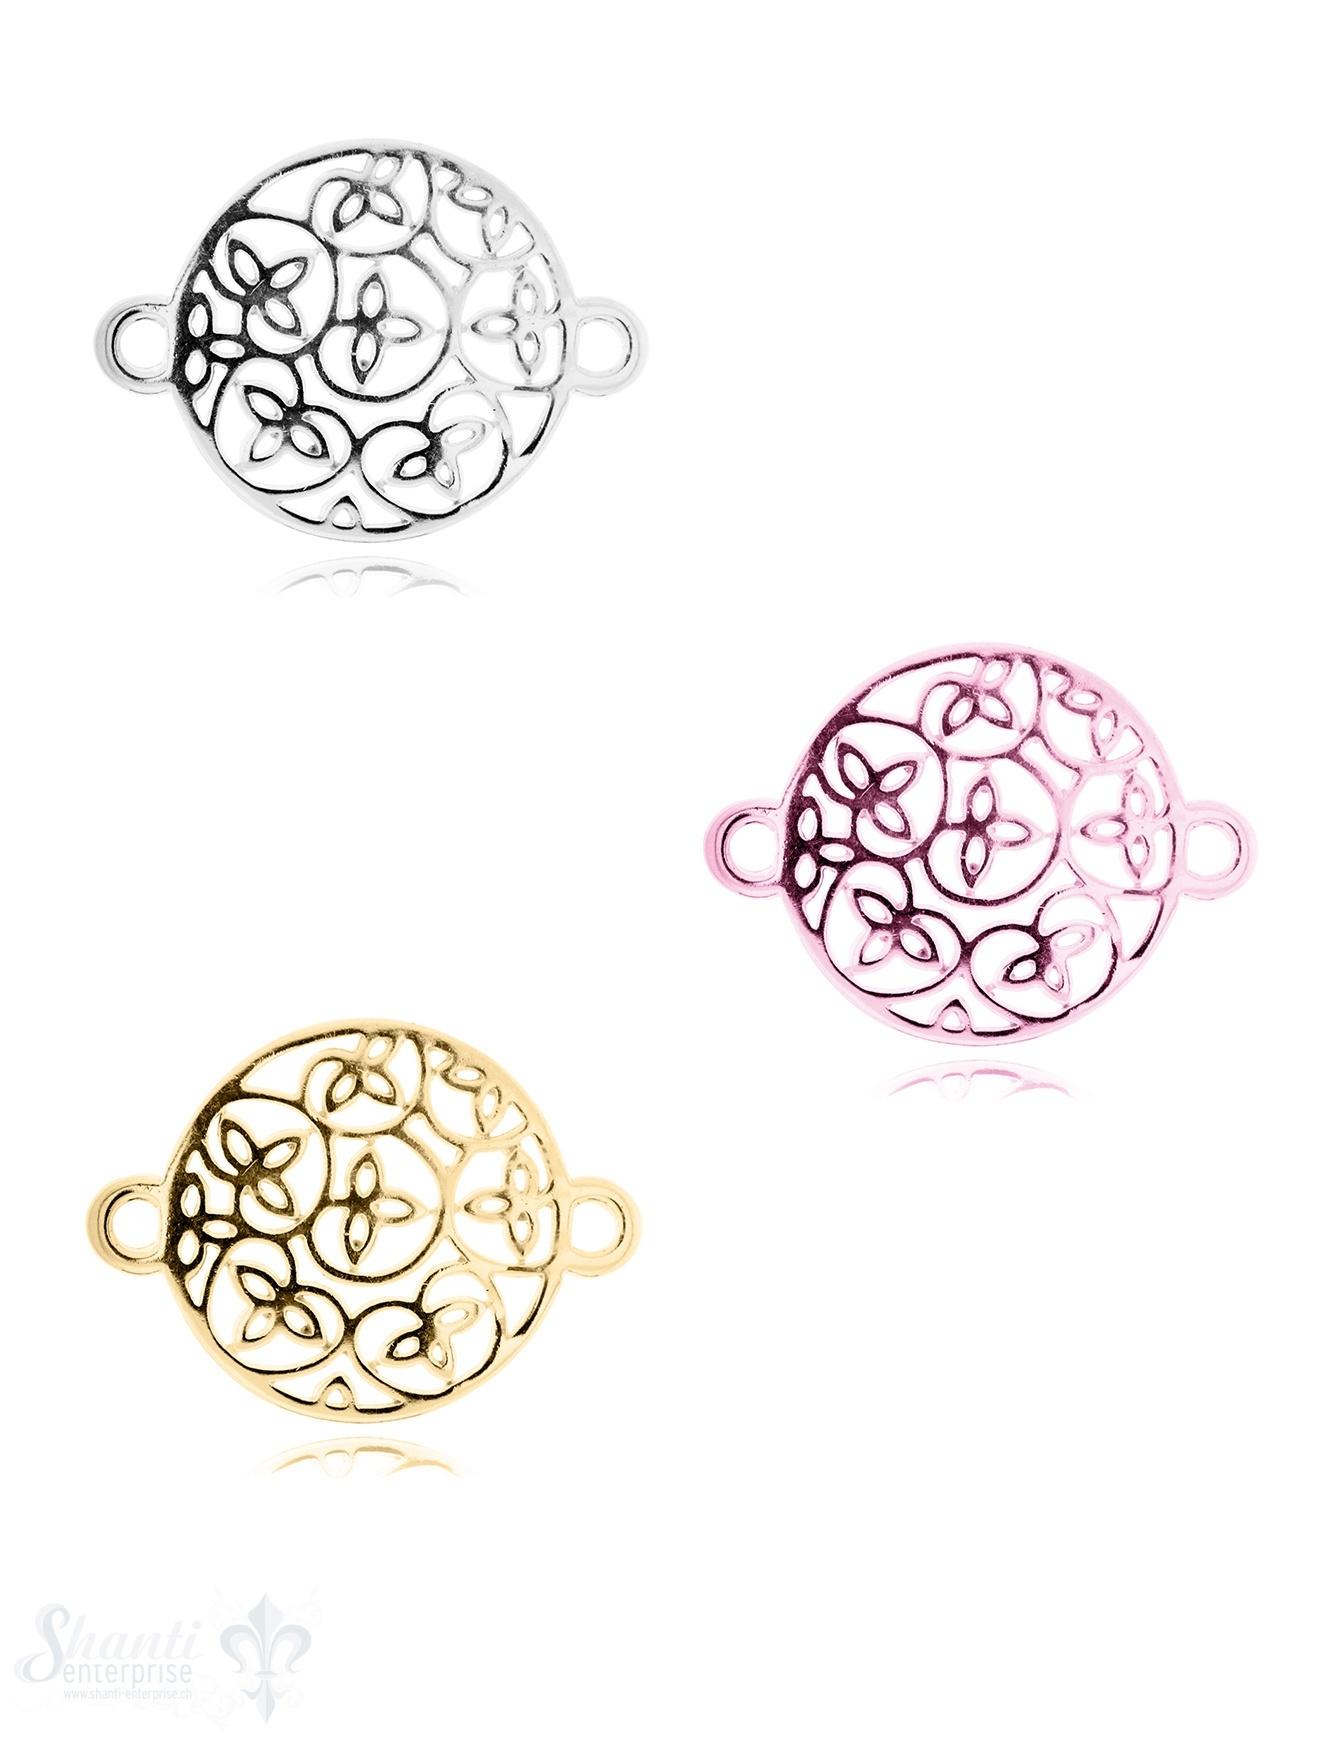 Silberteil mit Doppelösen: Amulett mit Blumenrank 27x20mm Dicke: 1.7 mm durchbrochen